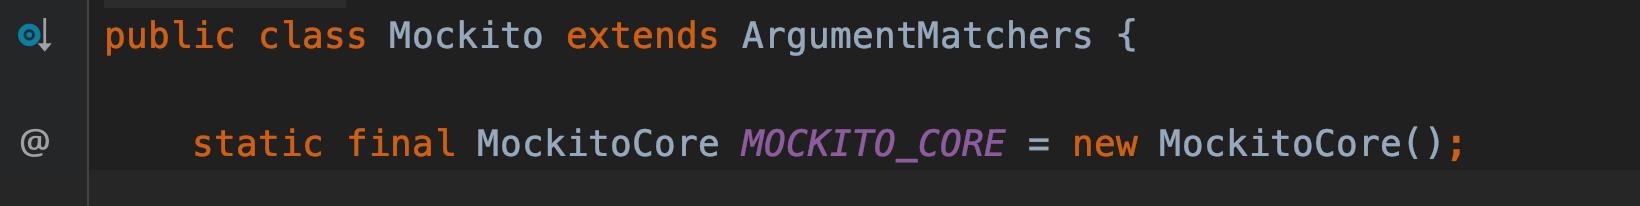 mockito_delegate_mockitocore.png